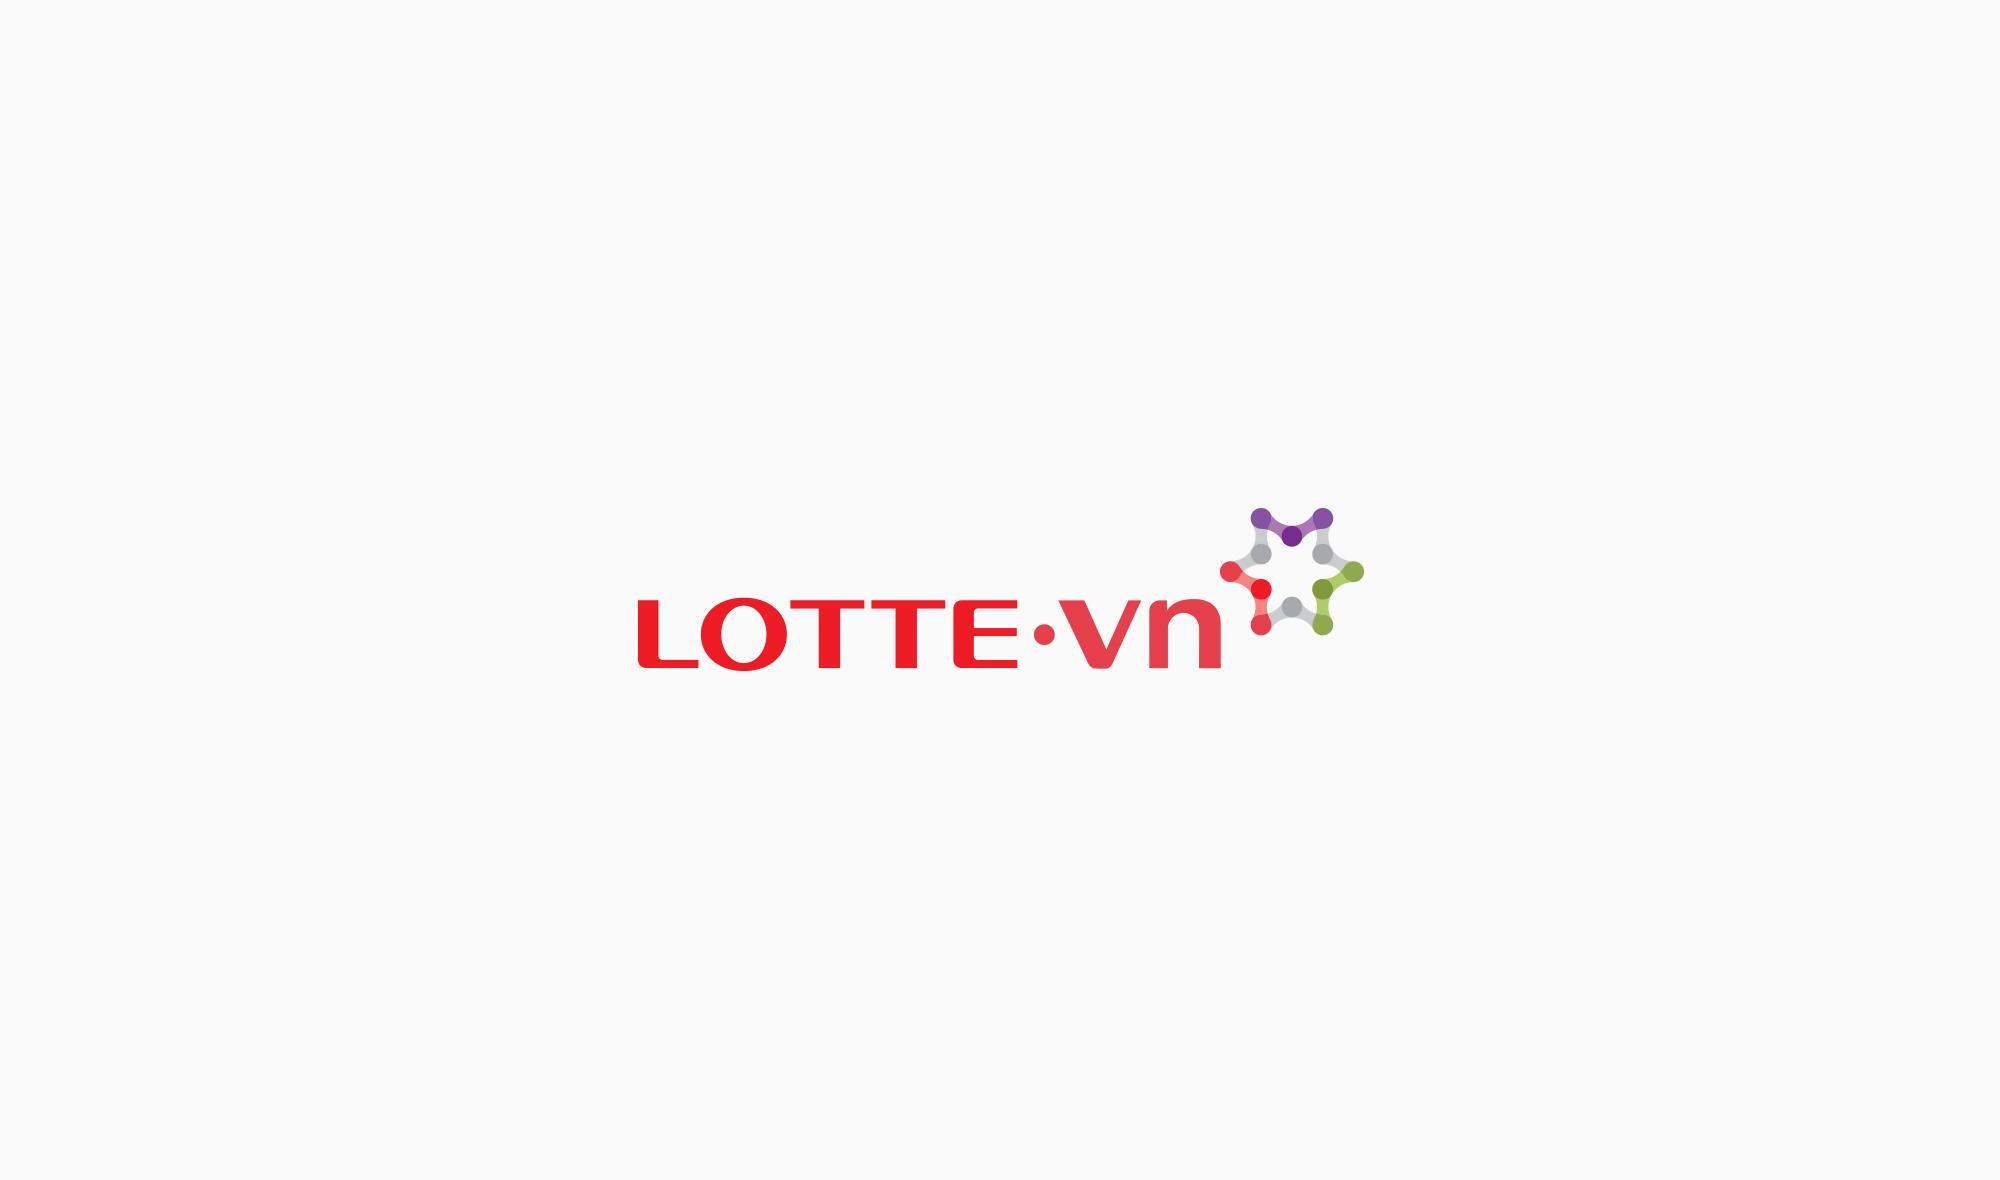 logo lotte vn-bratus-branding agency vietnam-logo designer vietnam